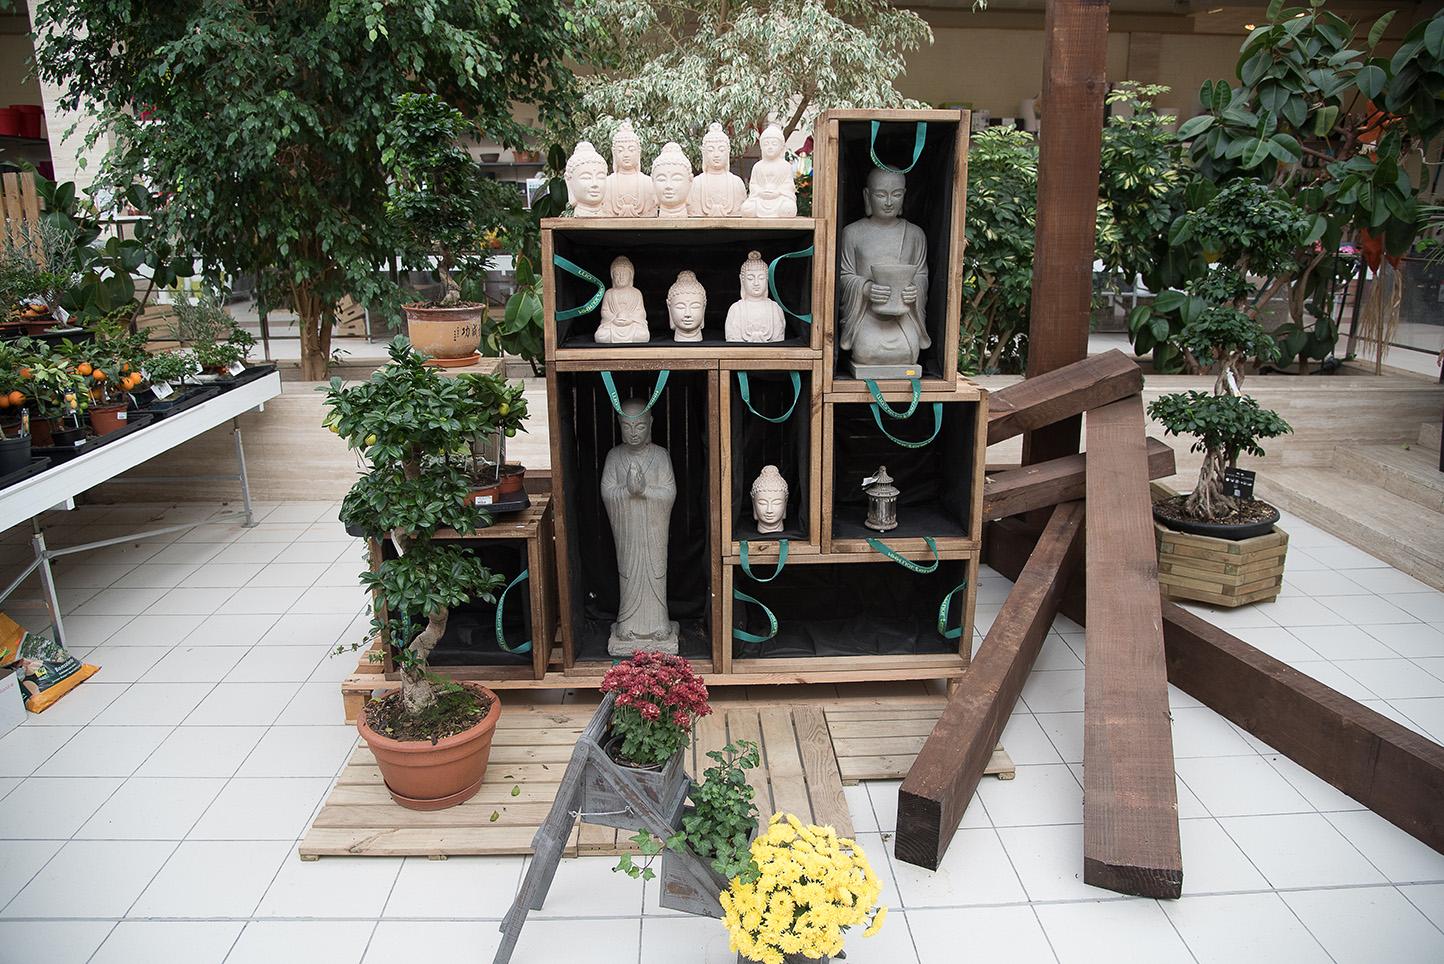 Centro de Jardinería Gorbeia - Decora tu jardín